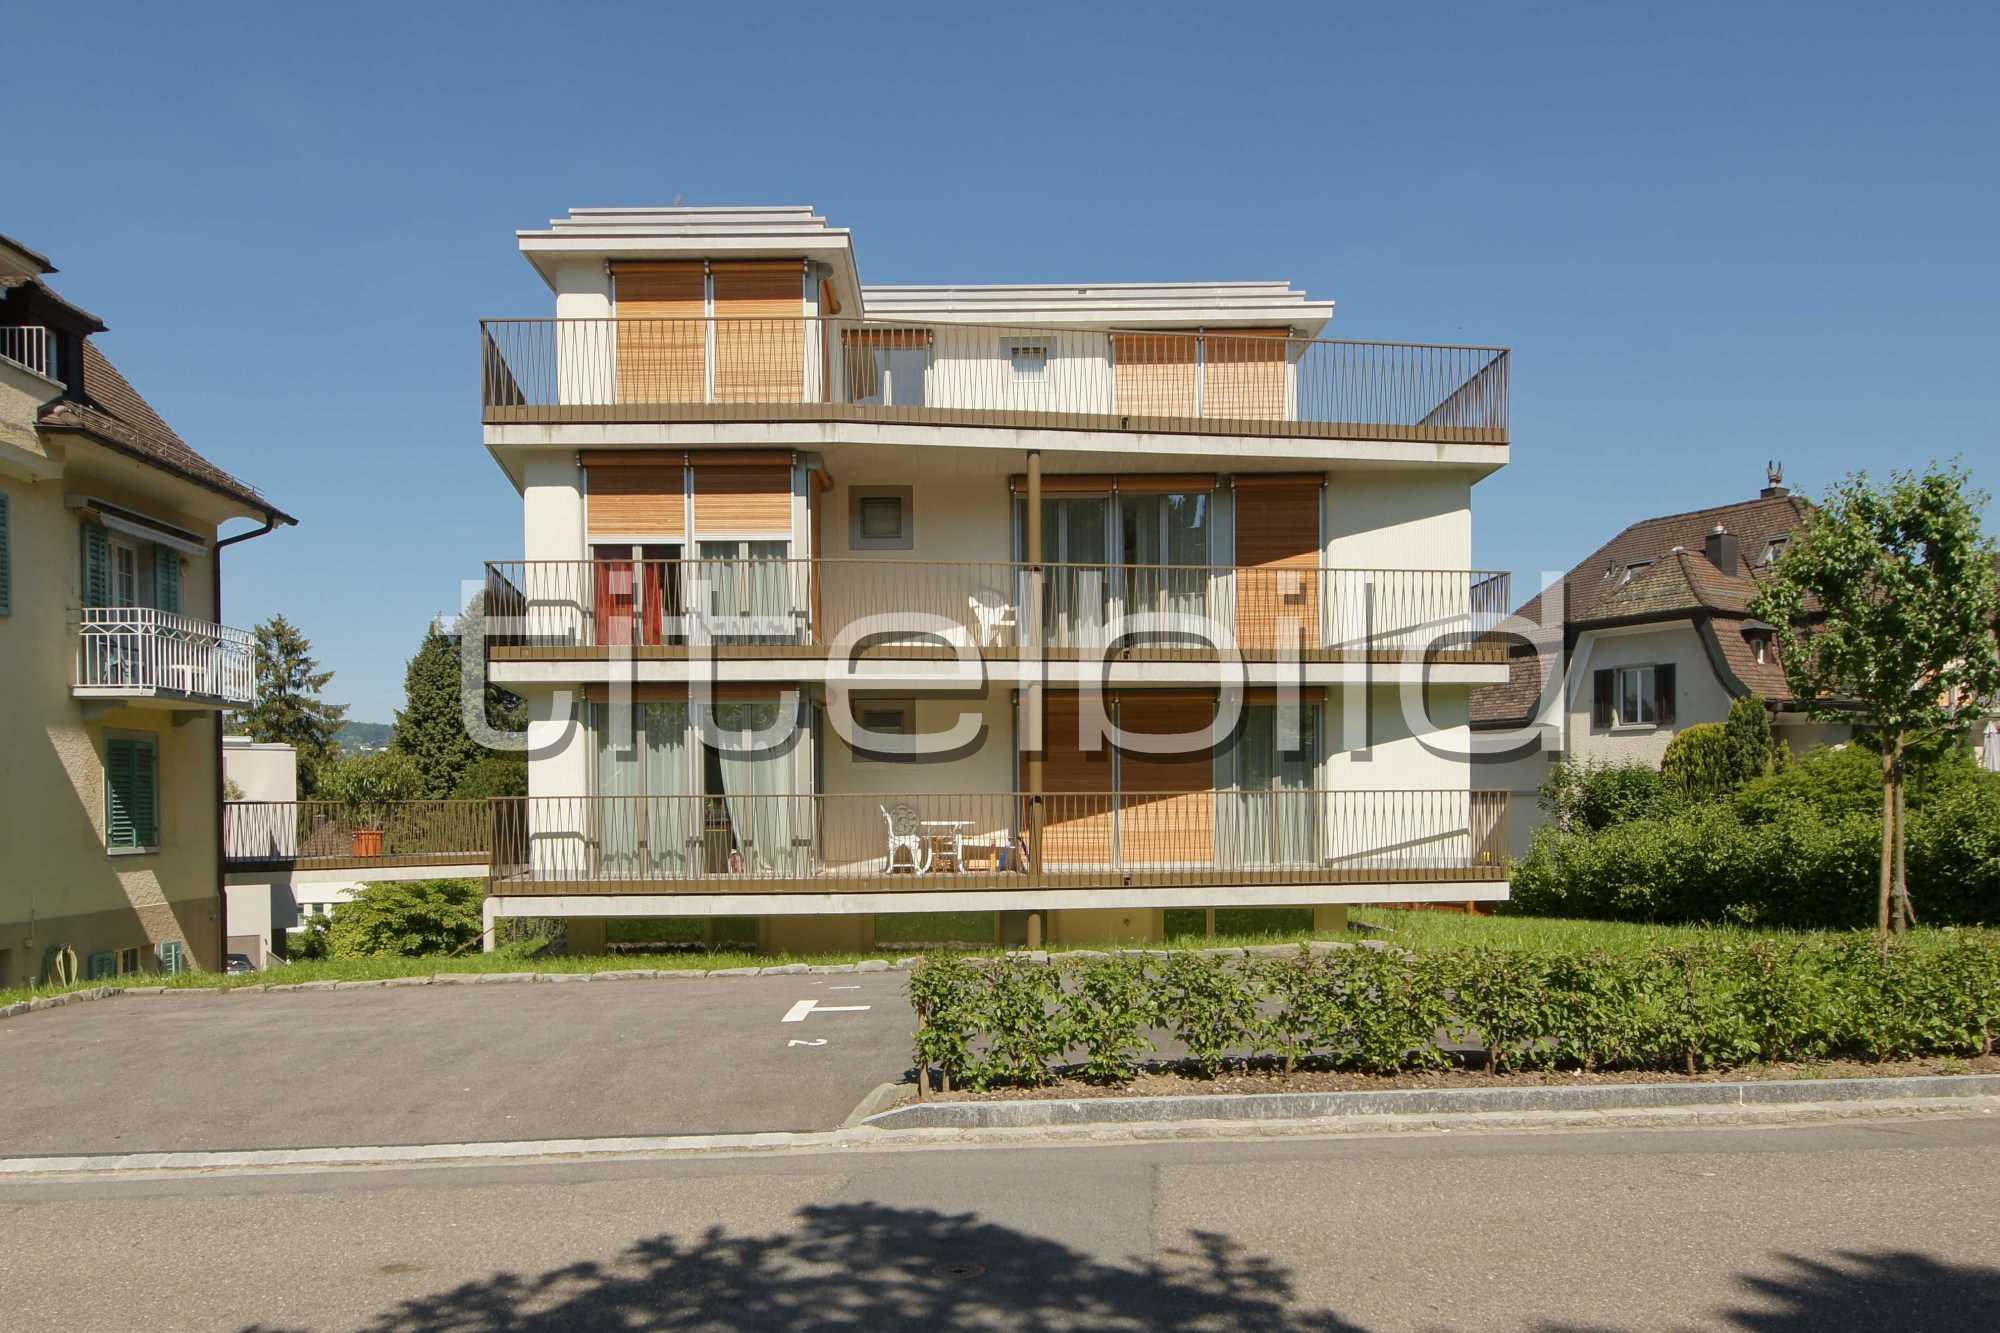 Projektbild-Nr. 3: Erweiterung Wohnhaus Humanitas